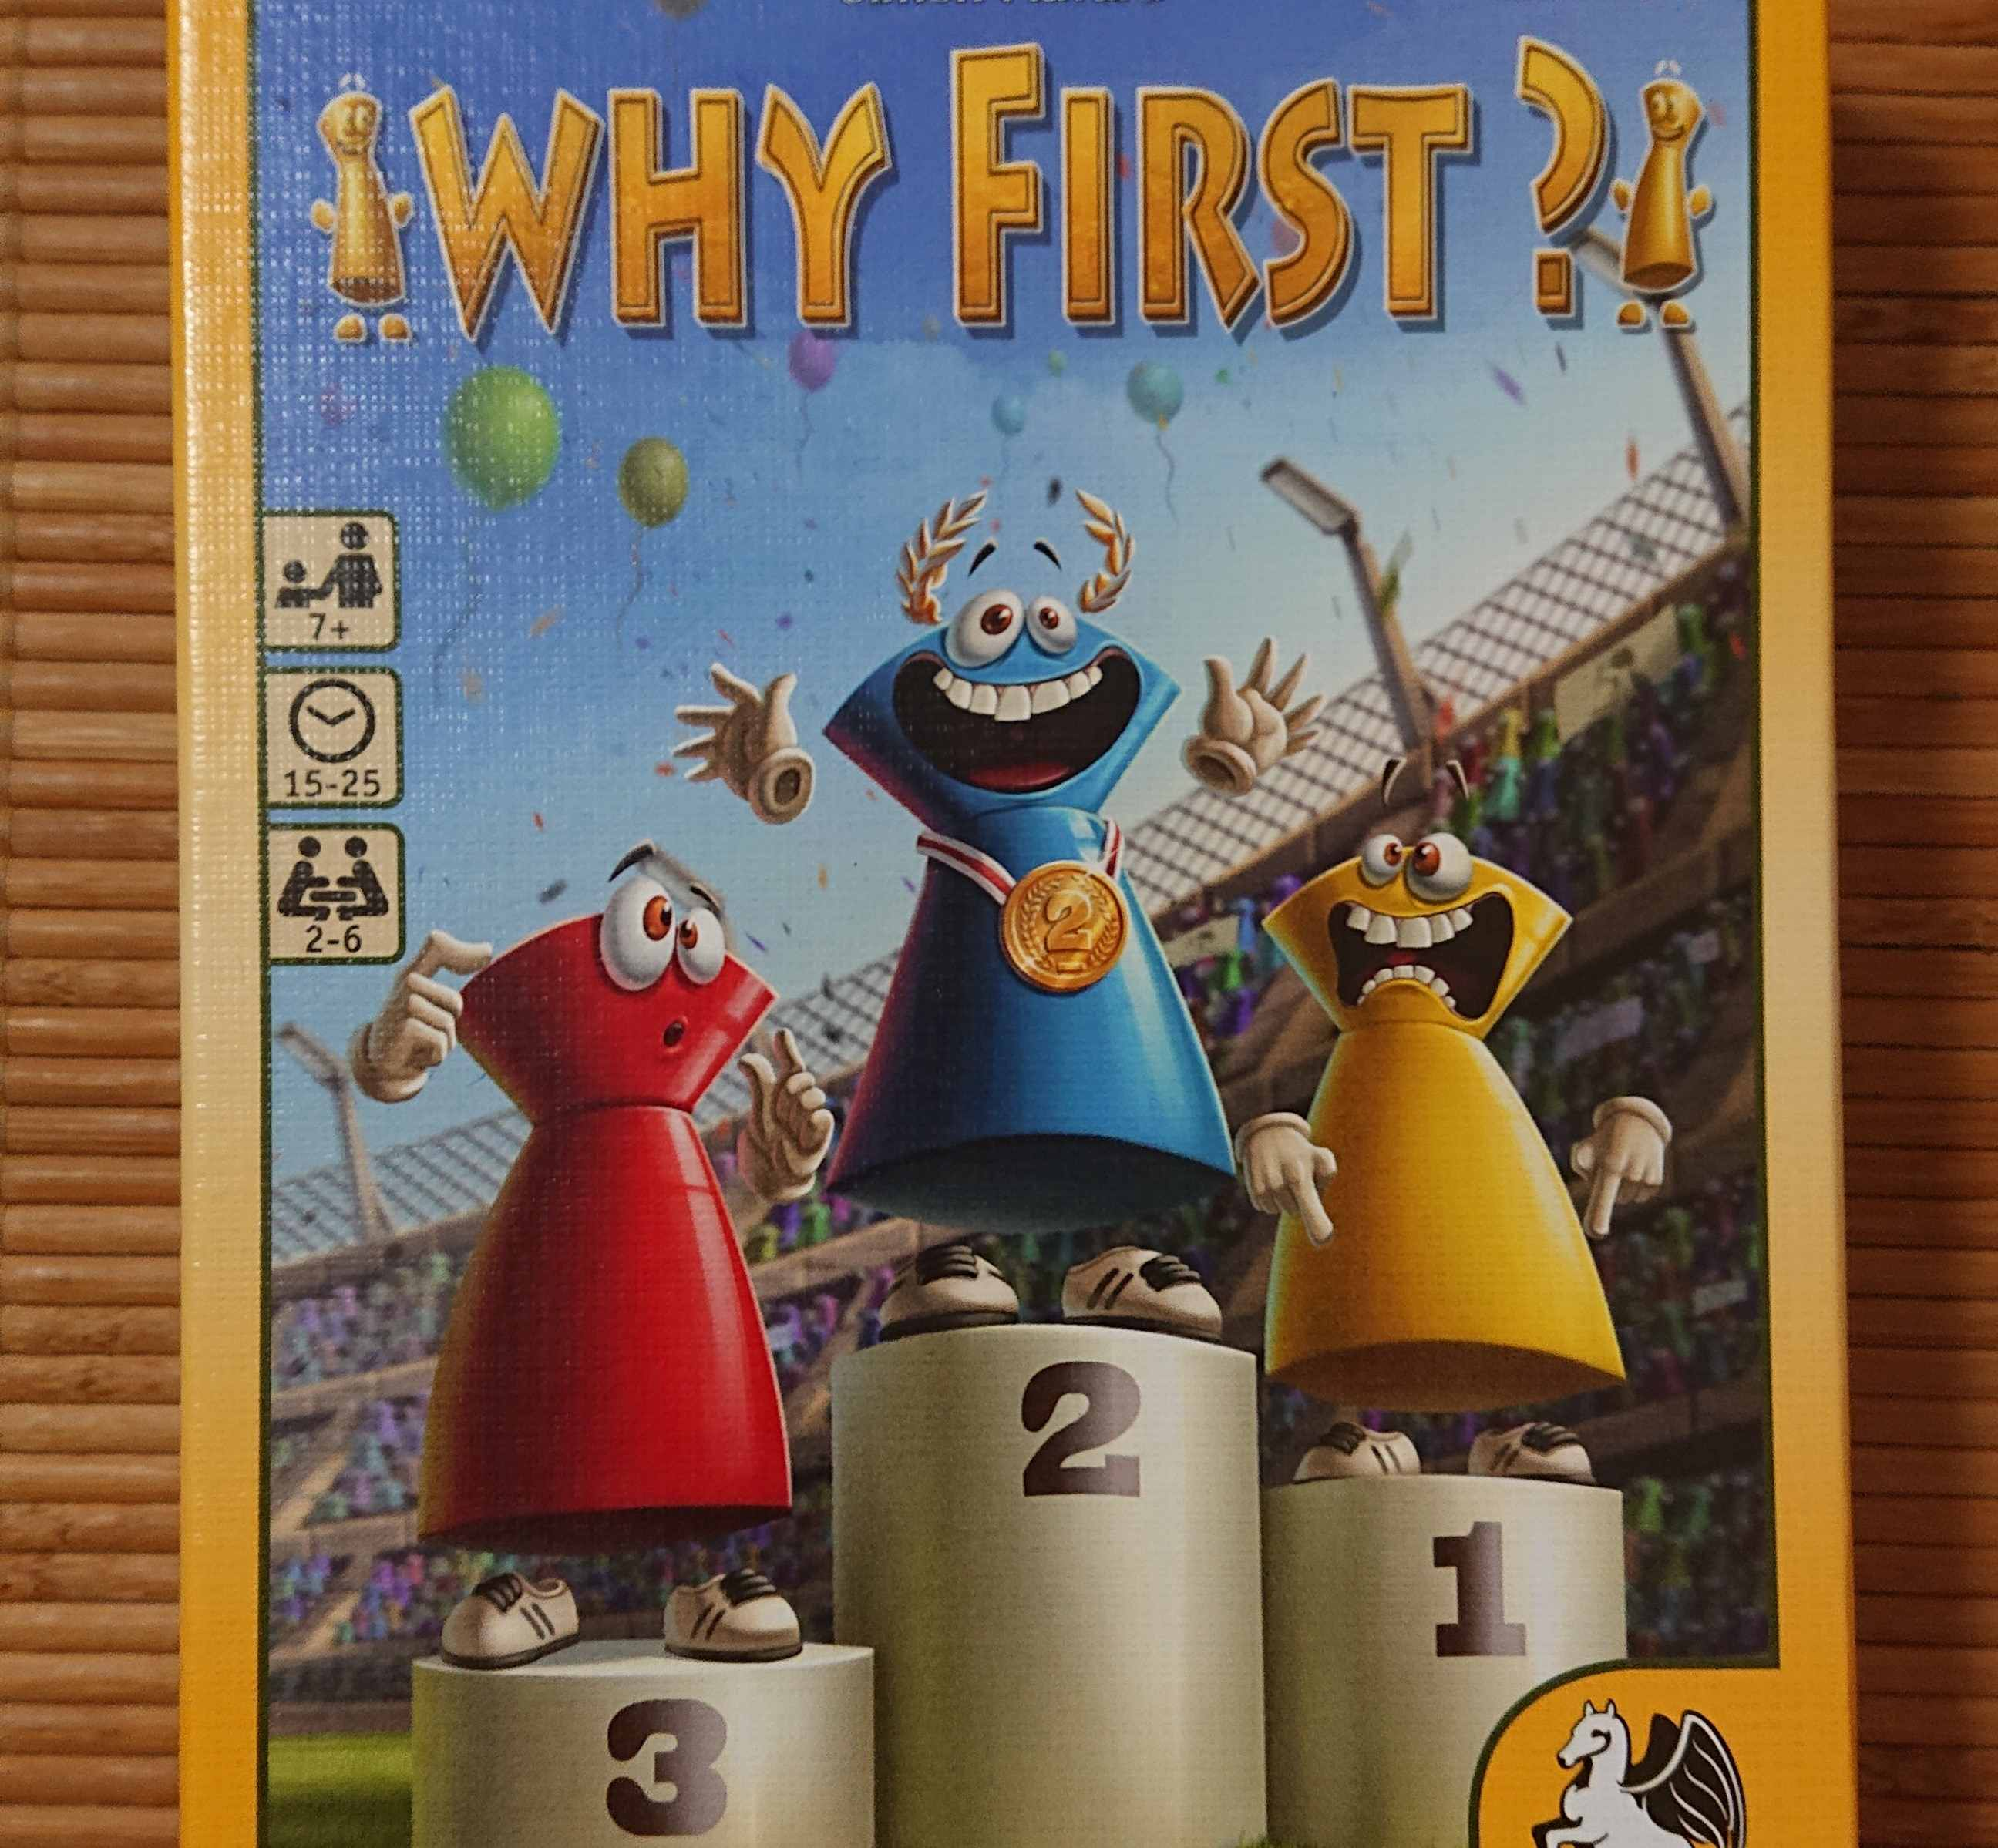 2位じゃダメなんですか?(Why First) ボードゲーム紹介